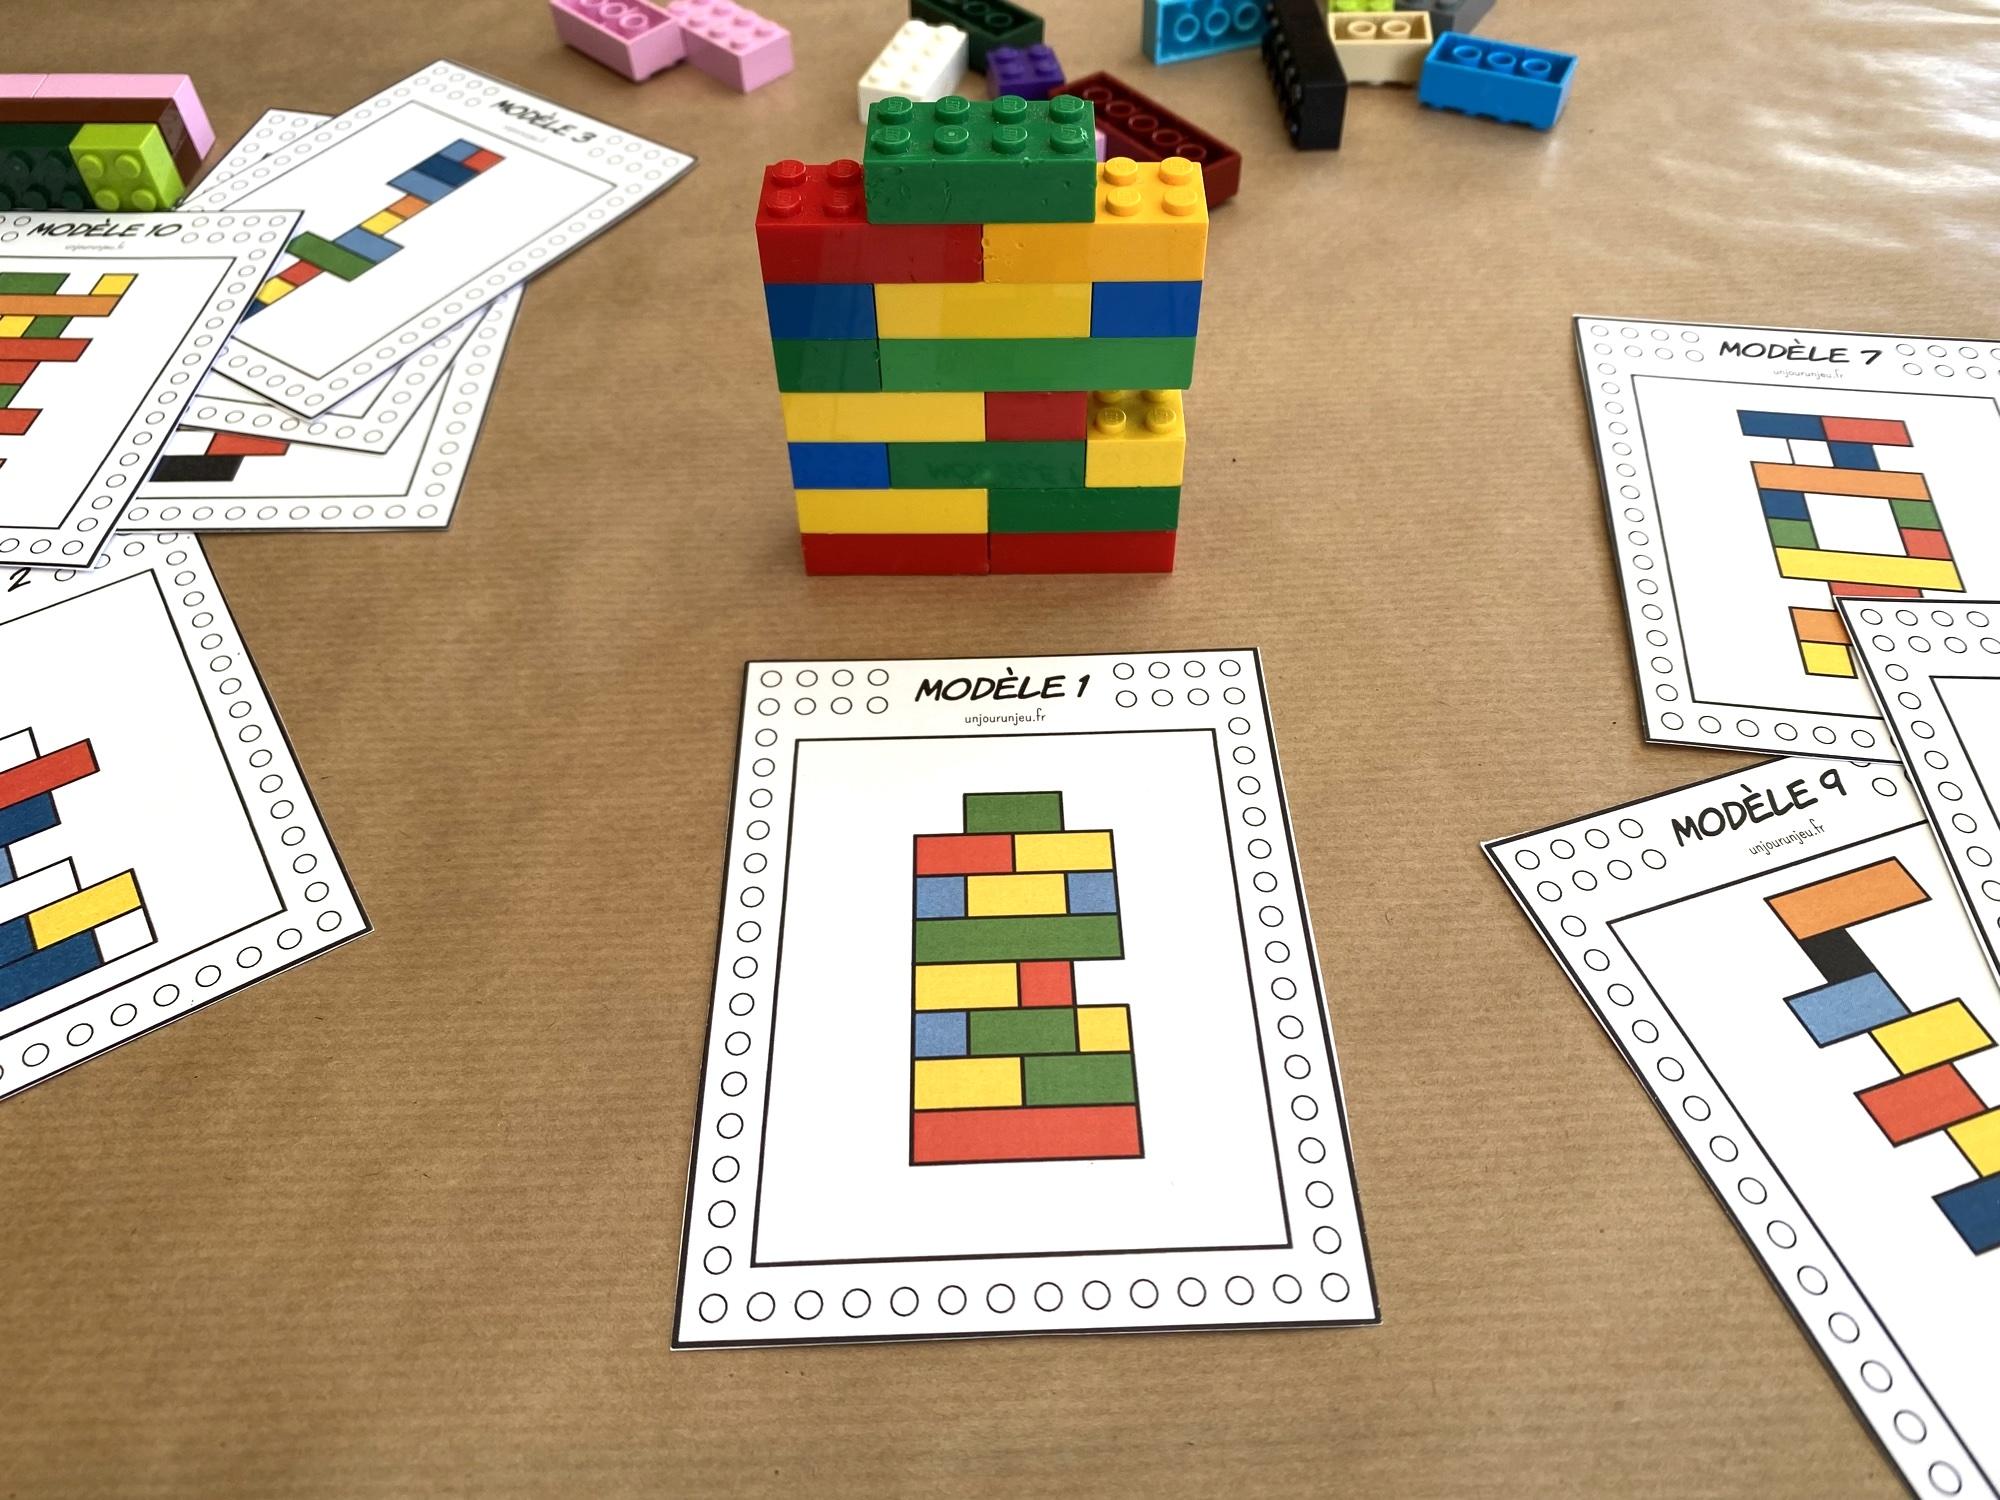 Fiches LEGO à reproduire - étape 5